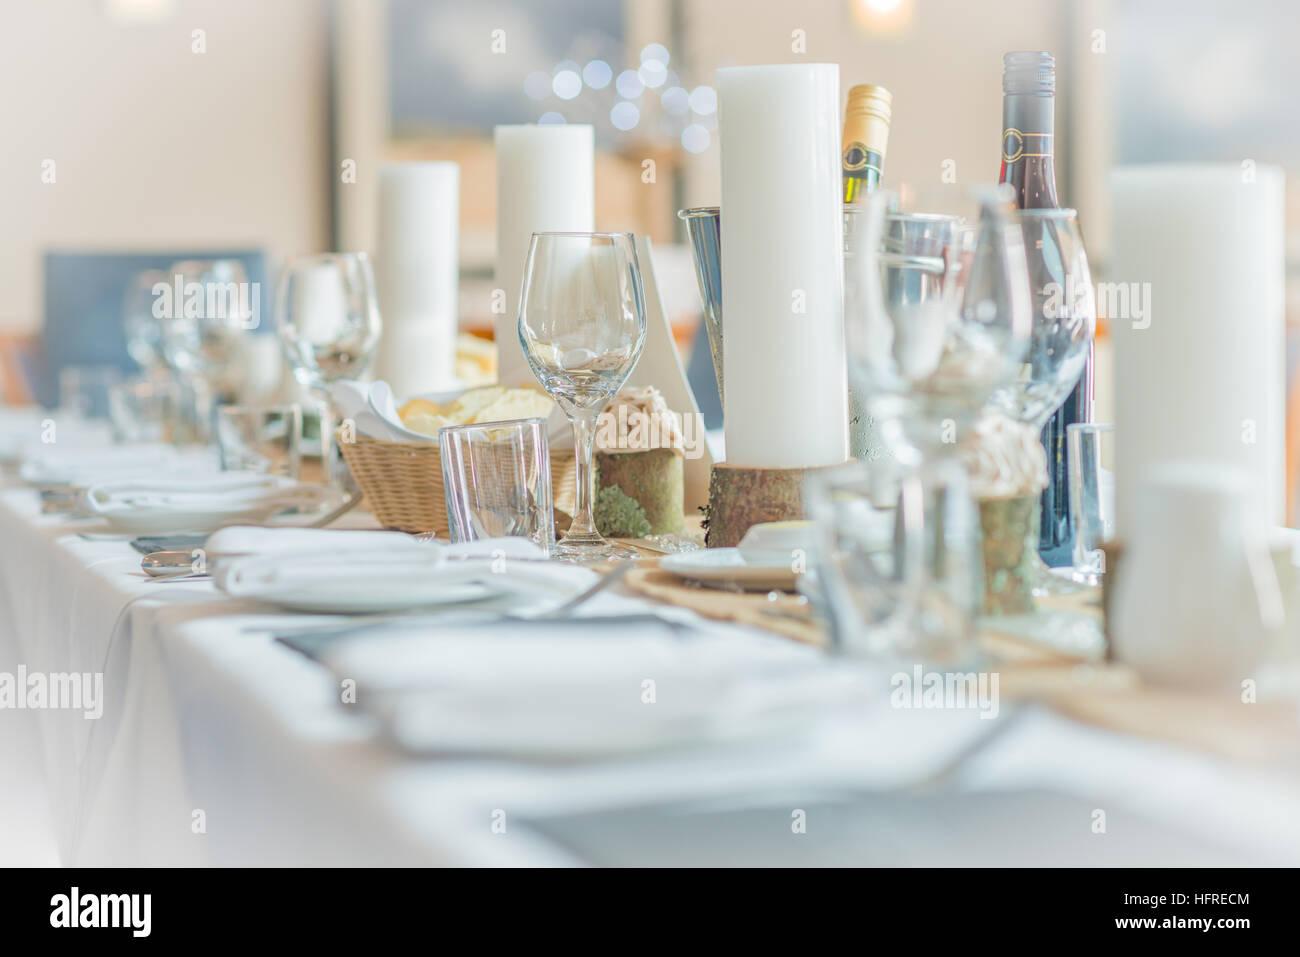 Tabella impostata per un matrimonio prima colazione Immagini Stock